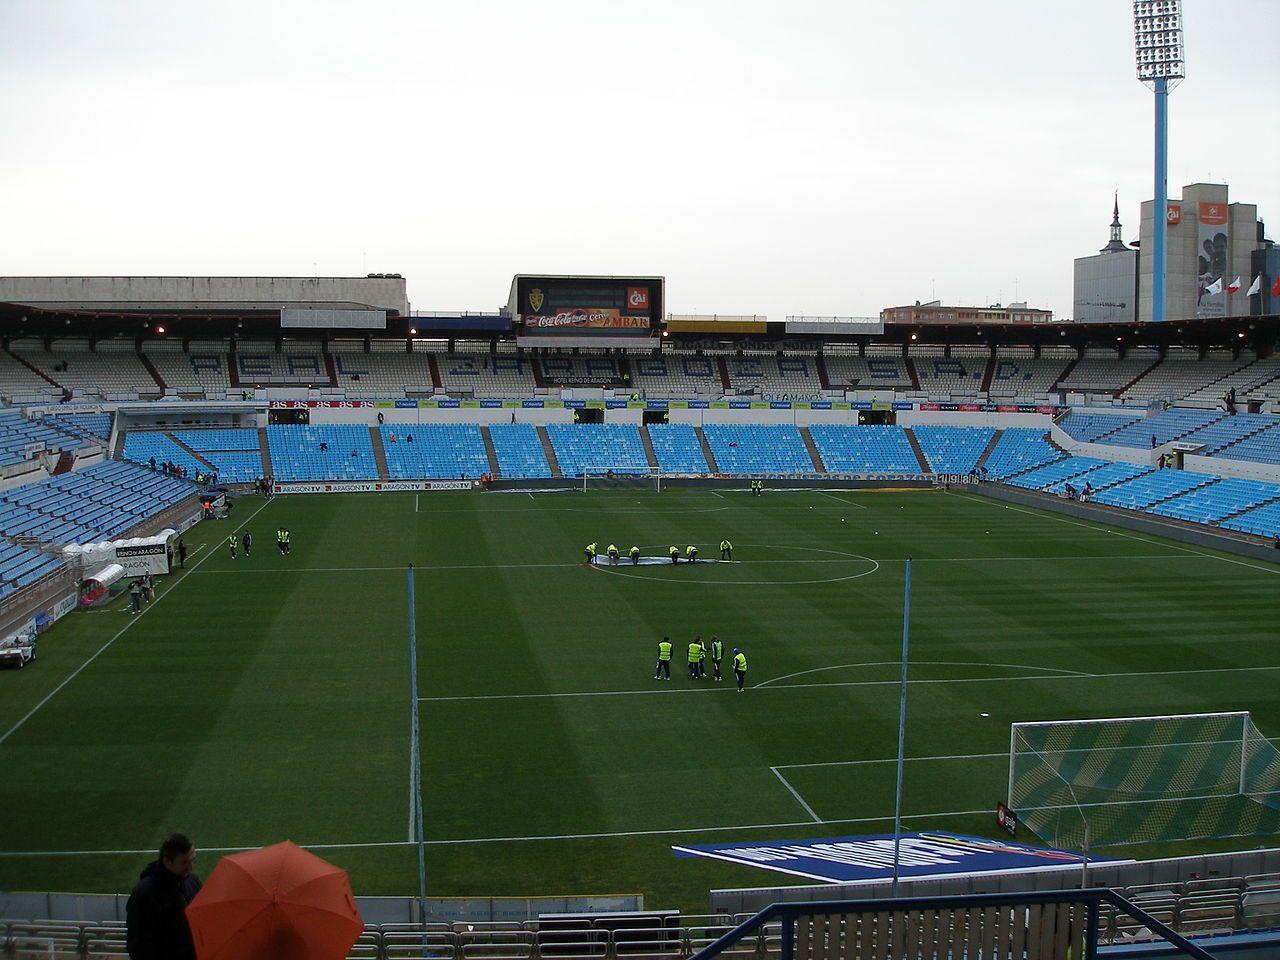 El Estadio de La Romareda está en Zaragoza. Es el estado oficial del equipo de fútbol Real Zaragoza. Fue la localidad de 3 partidos de la Copa Mundial de fútbol en el 1982.